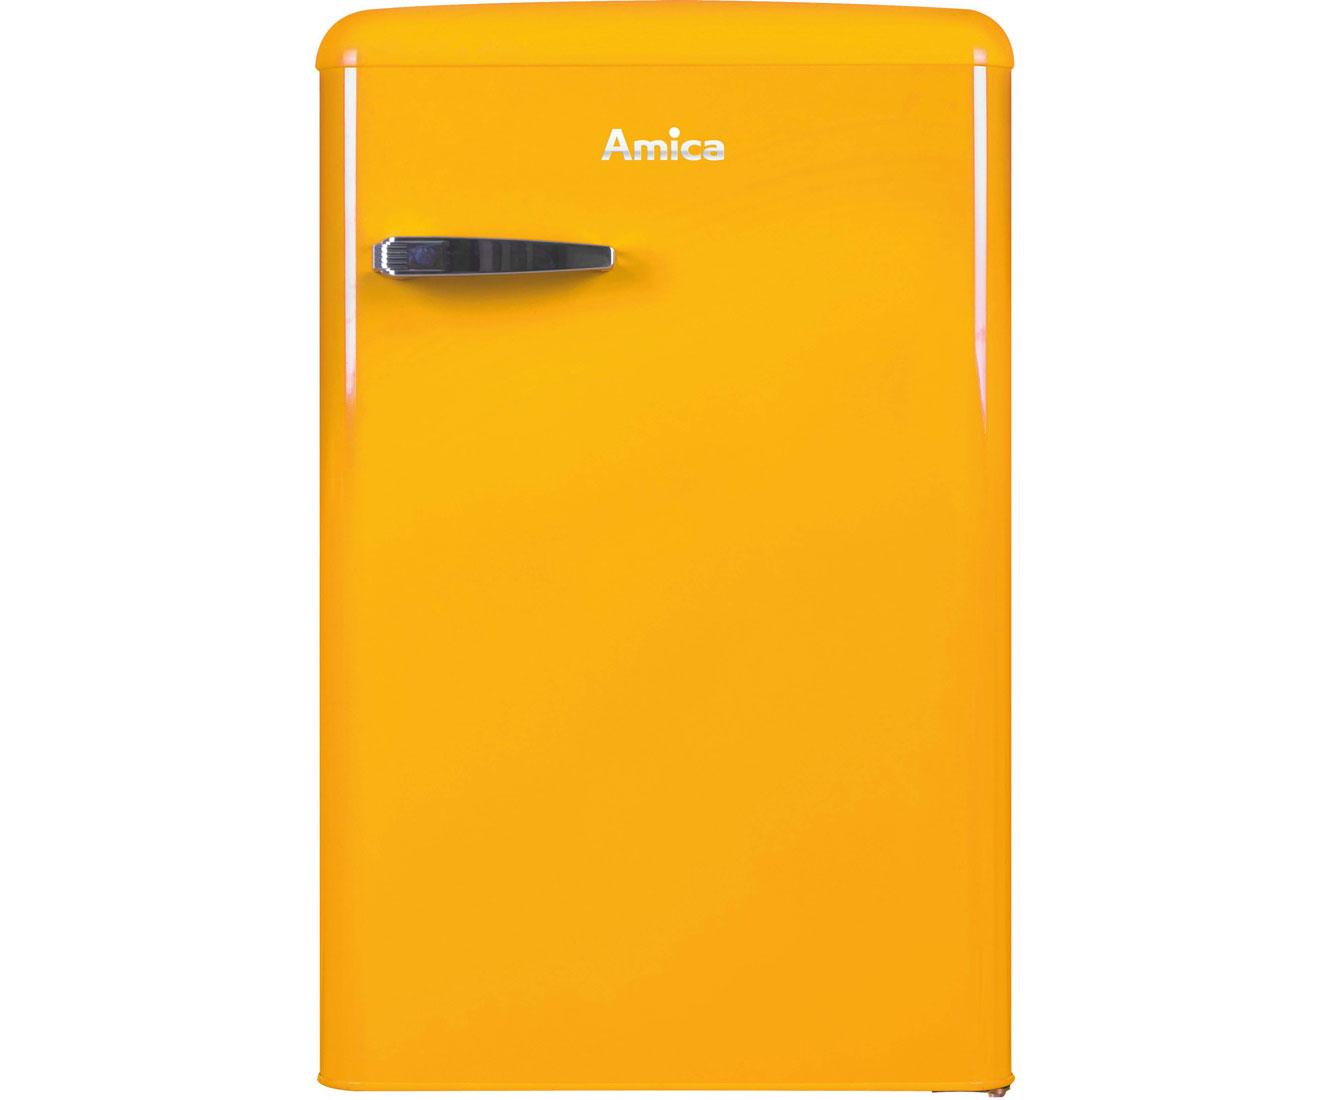 Amica Kühlschrank Retro Türkis : Amica retro design ks y kühlschrank mit gefrierfach gelb